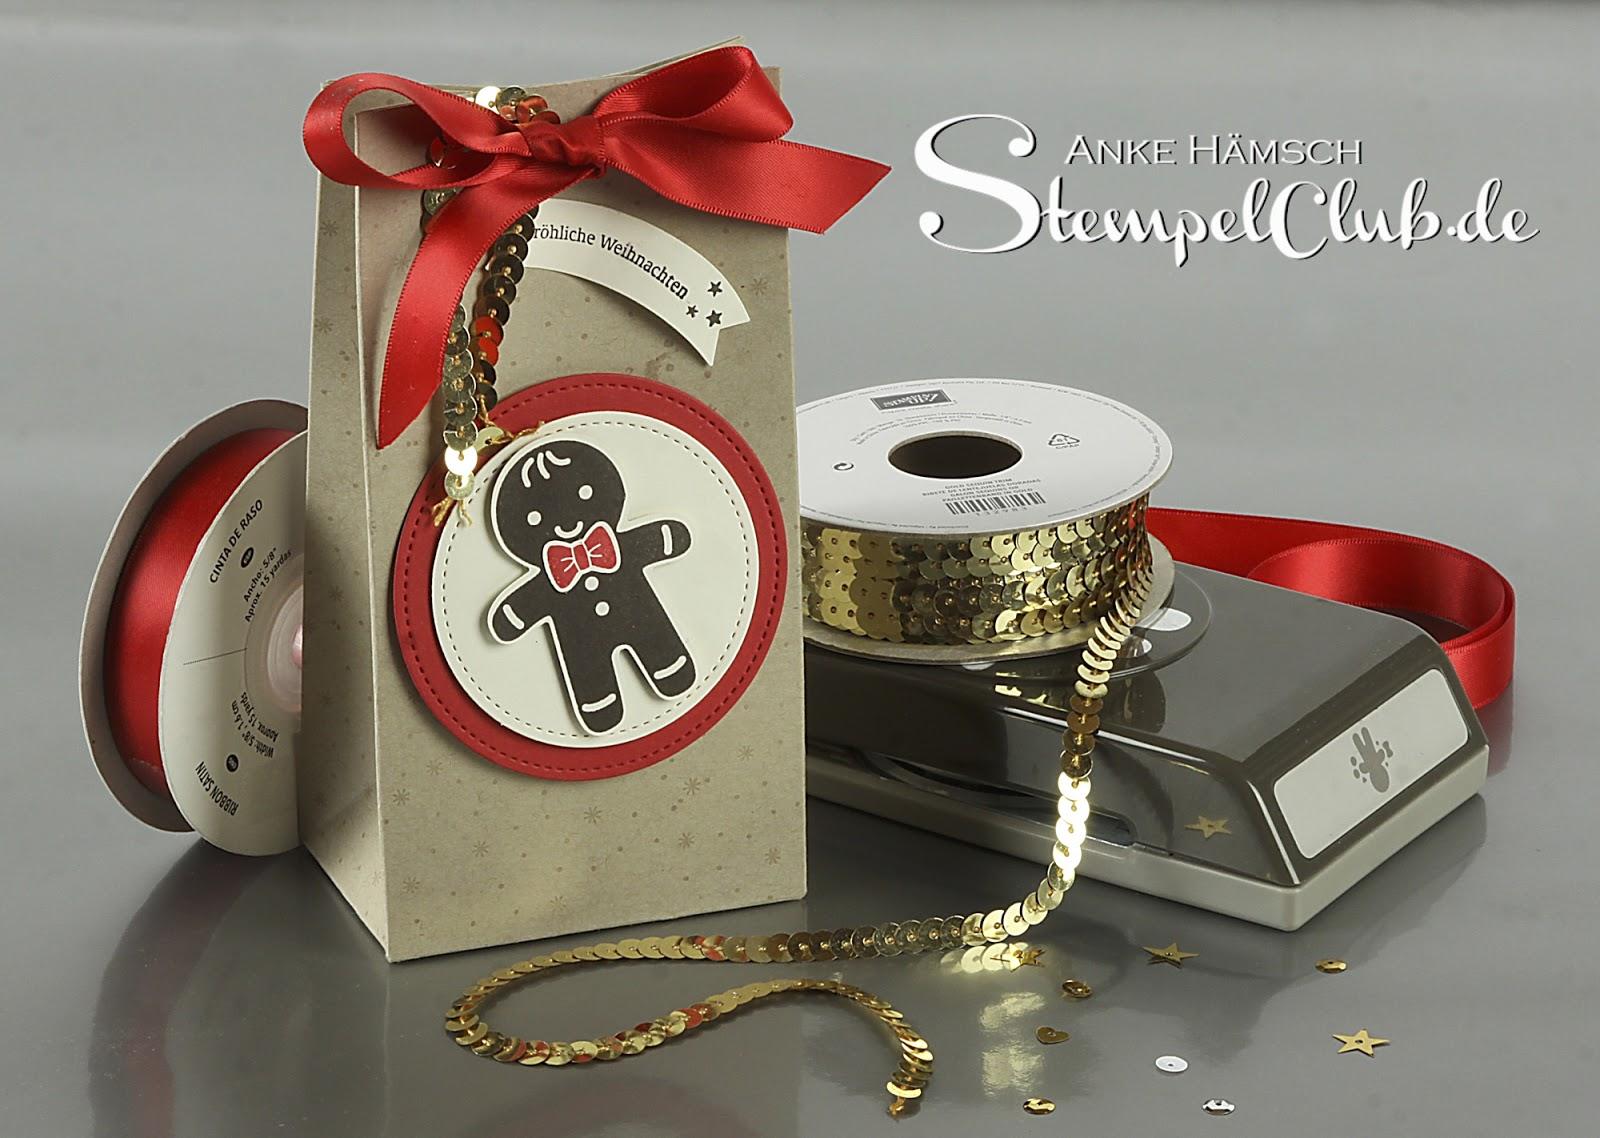 Preisspektakel, Tütenfalzbrett, Gift Bag Punchboard, Stampin up, Tannenzauber, Lebkuchenstanze, Ausgestochen weihnachtlich